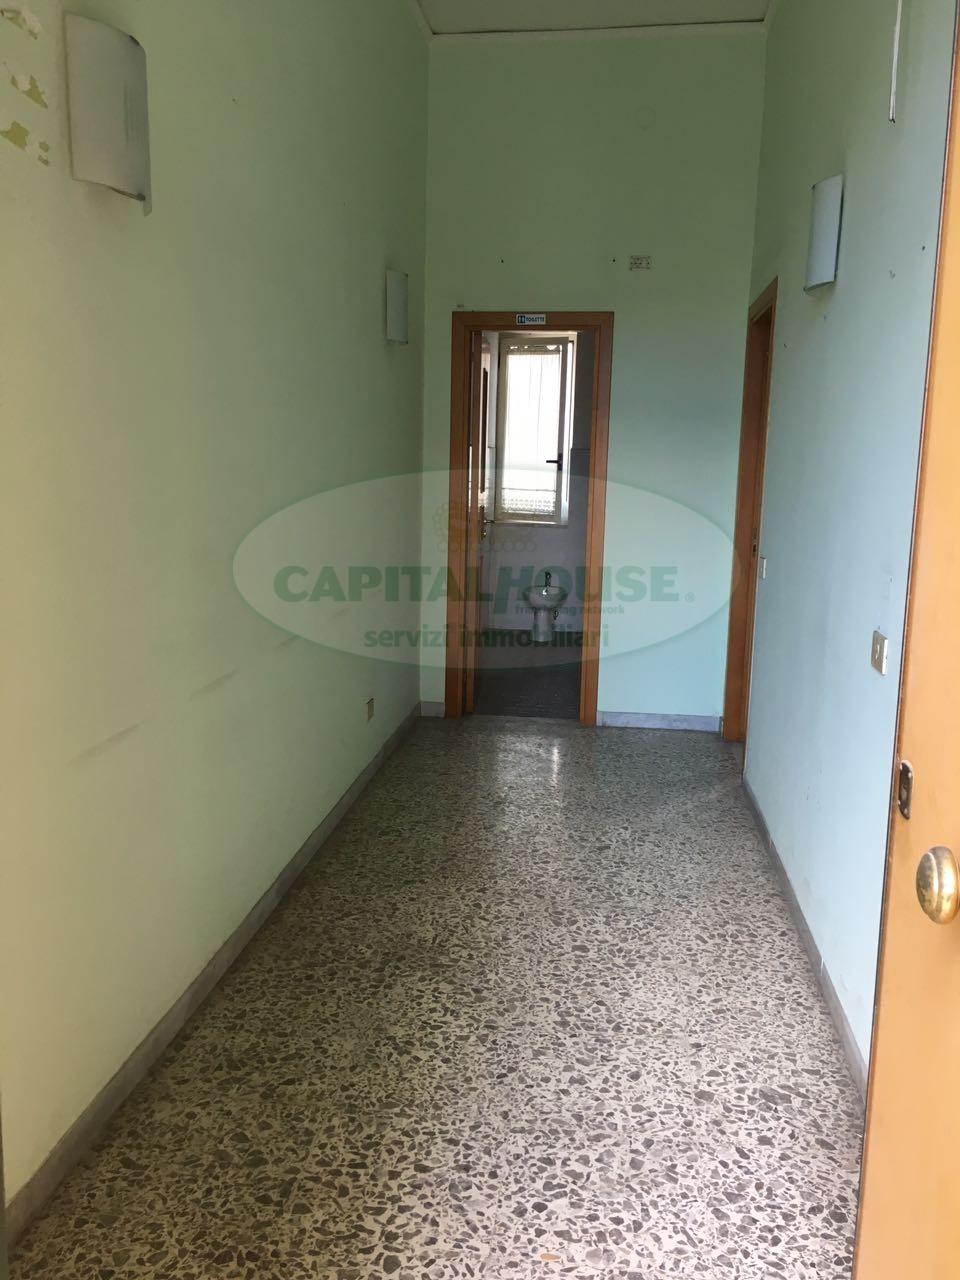 Ufficio / Studio in affitto a Afragola, 9999 locali, zona Località: ZonaAmendola, prezzo € 450 | CambioCasa.it